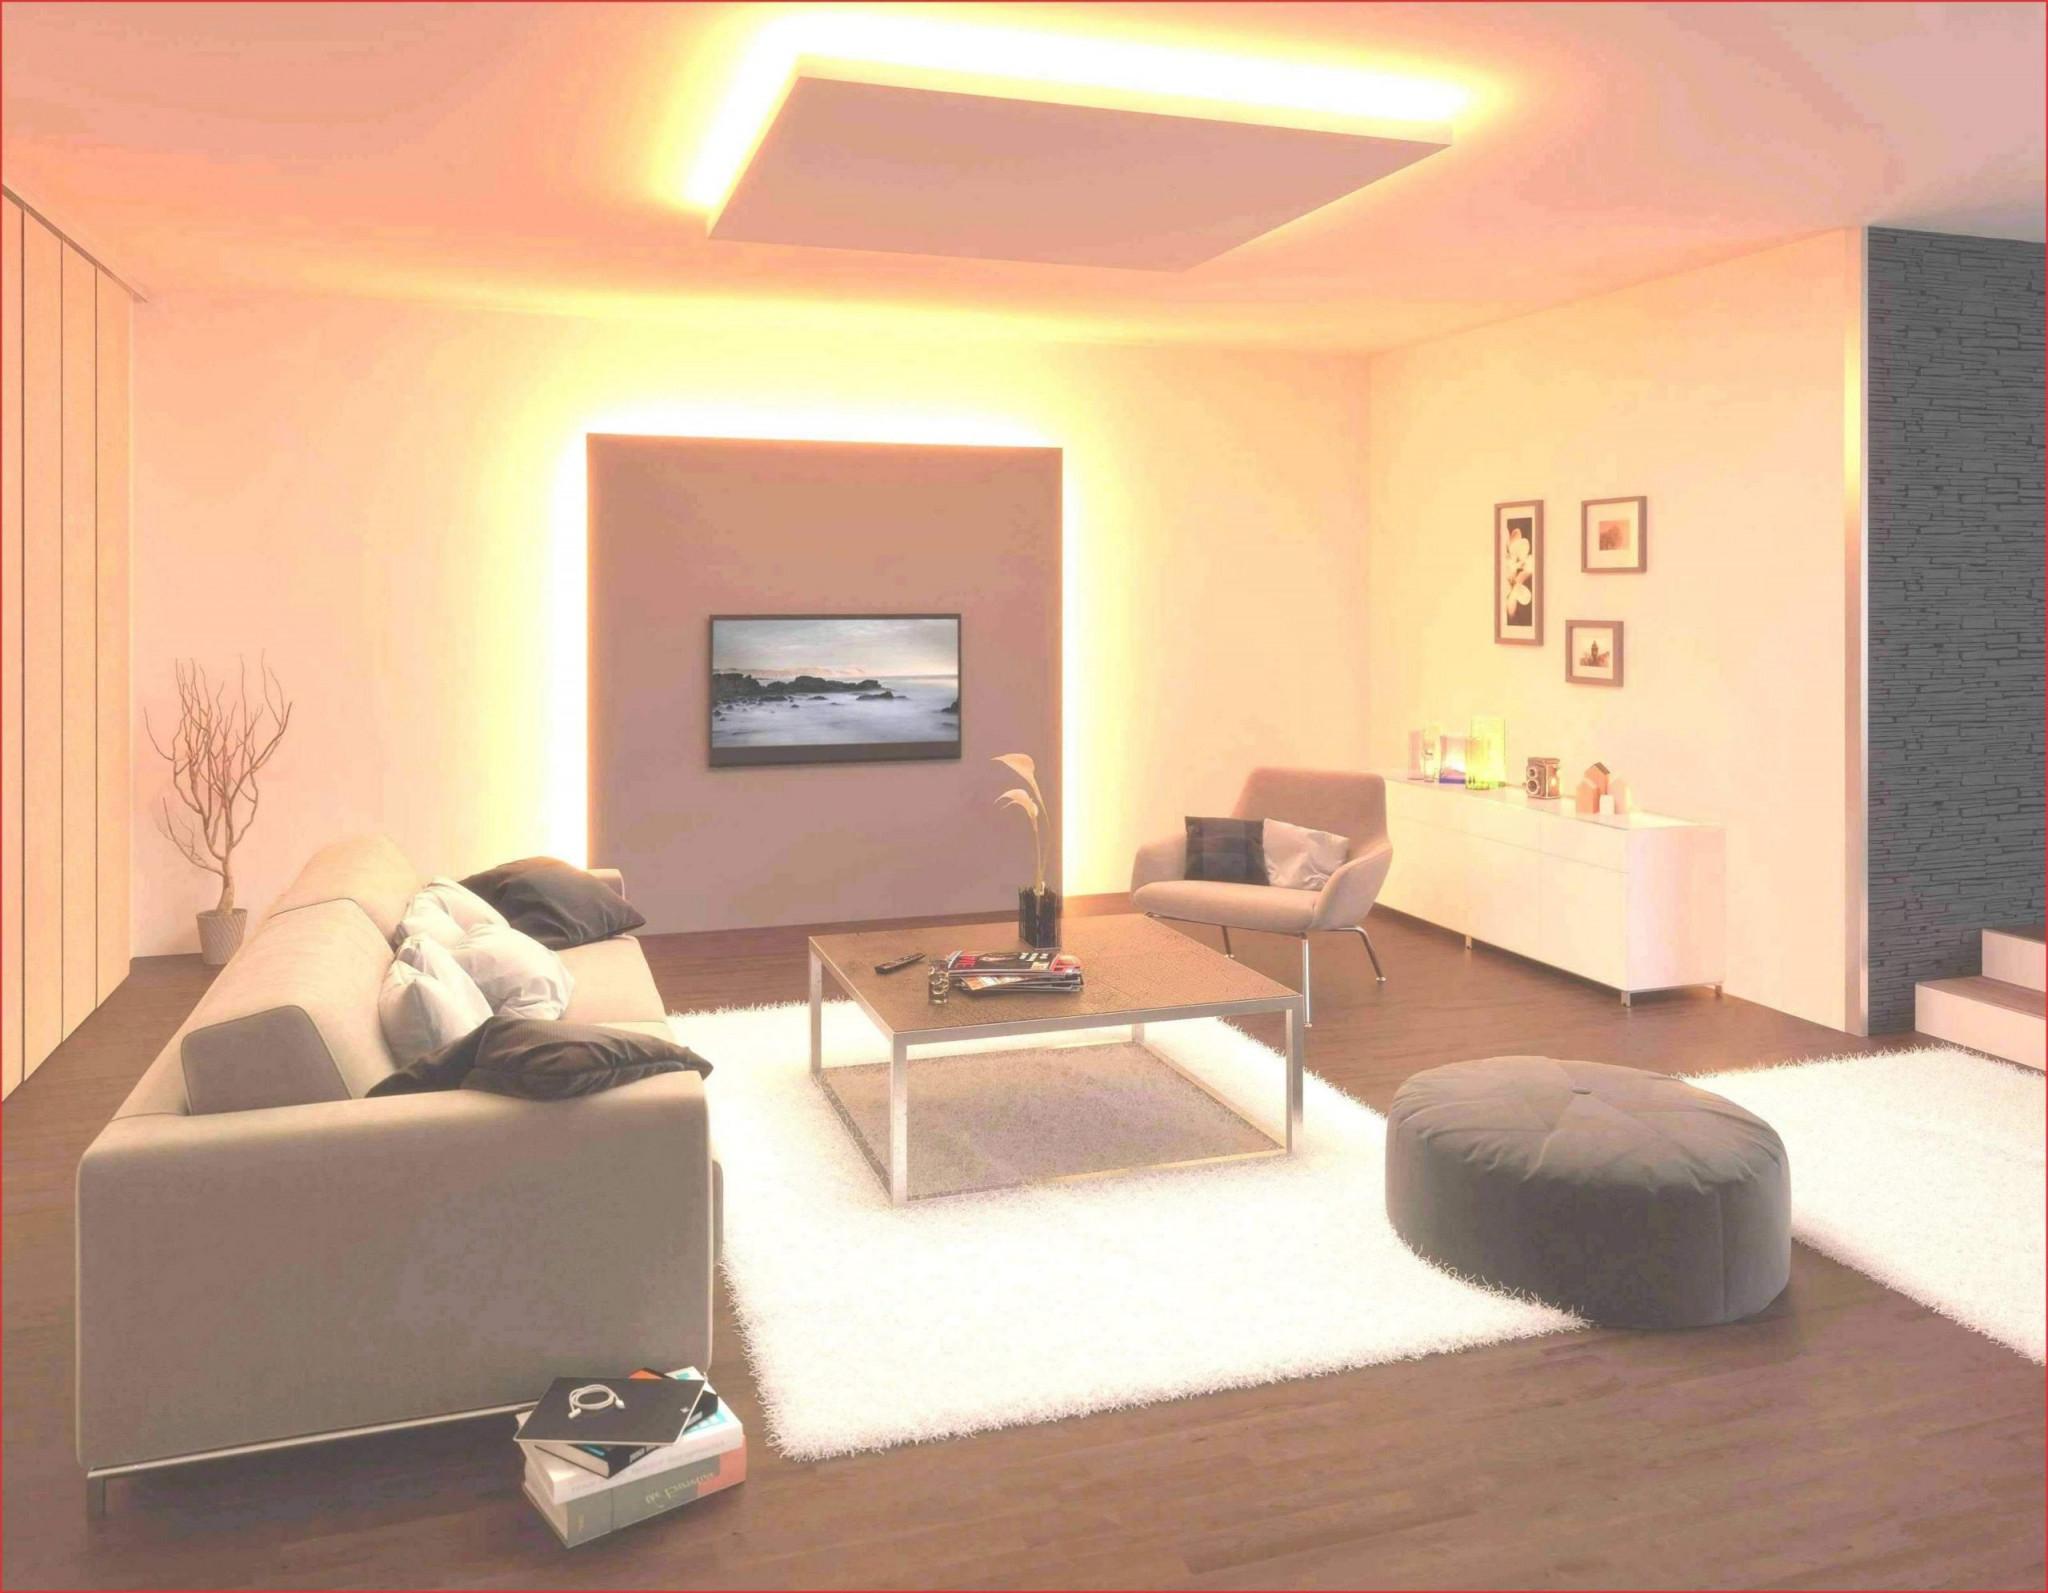 Deckenleuchten Led Wohnzimmer von Wohnzimmer Deckenleuchte Led Bild